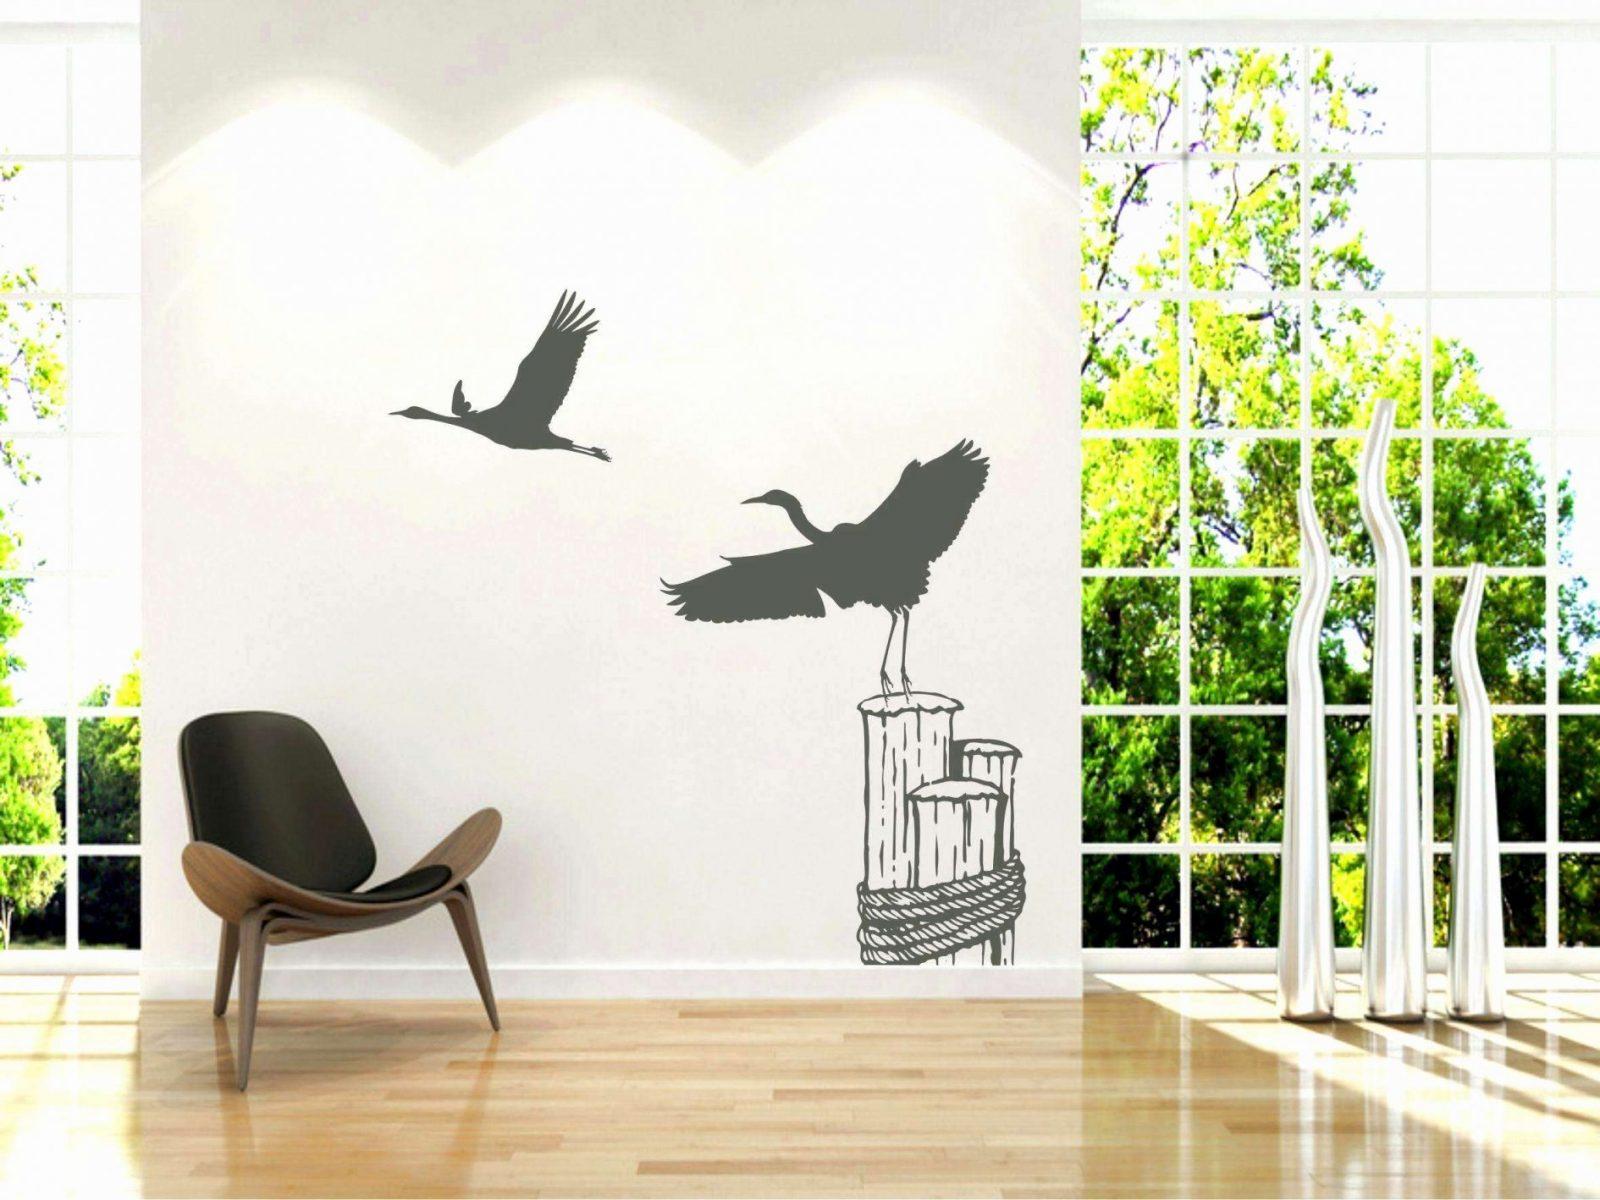 Amazing Wandtattoo Schlafzimmer Selber Malen Ideas  Moderne Vintage von Wandtattoo Selber Machen Vorlagen Photo